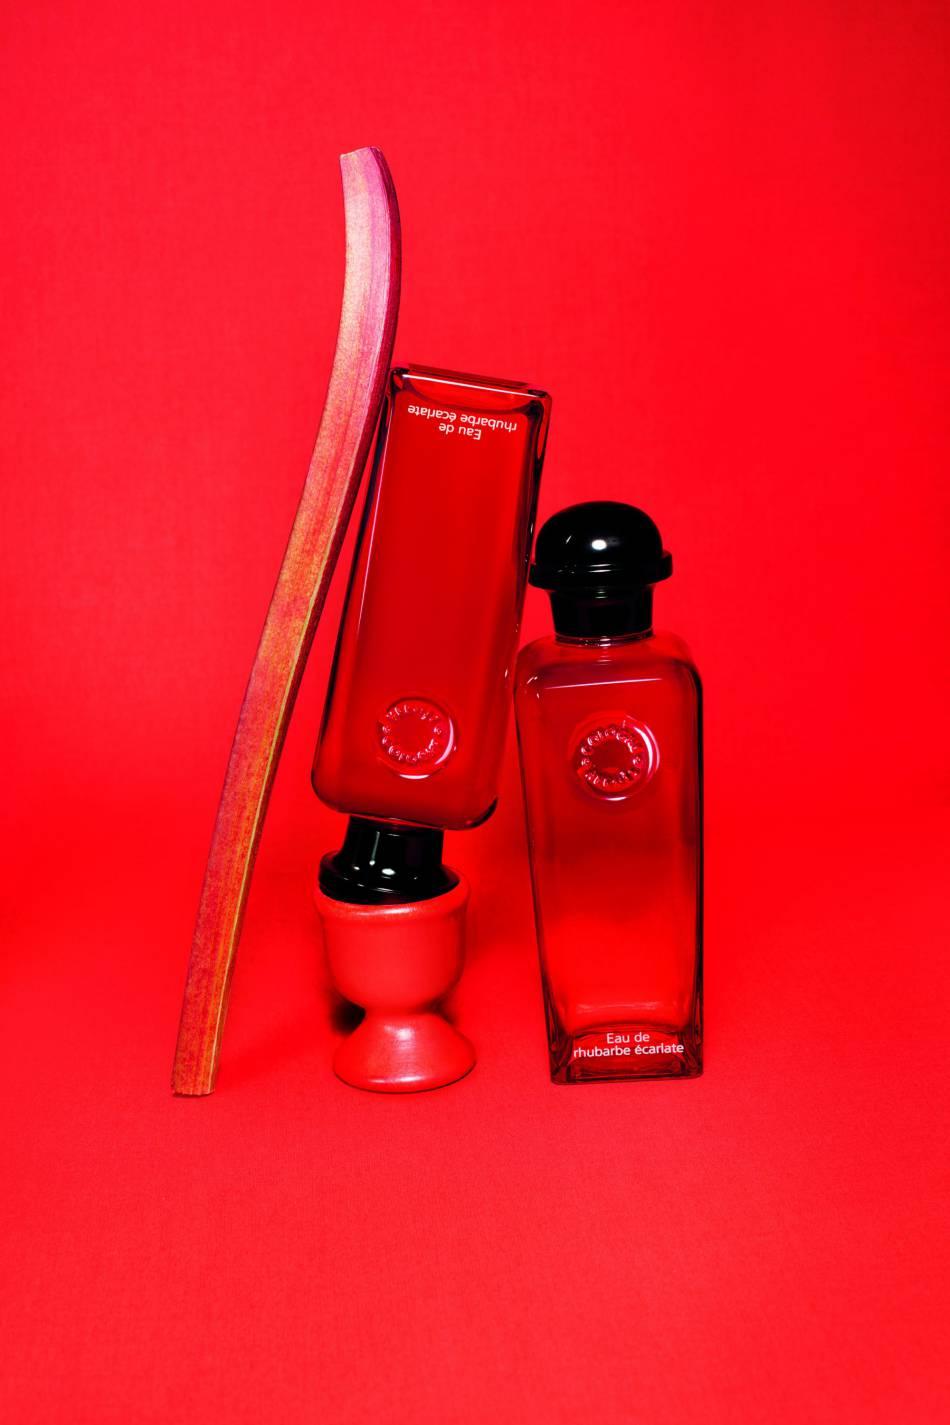 L'Eau de rhubarbe écarlate emprisonne l'acidité et la fraîcheur de la rhubarbe dans un flacon.